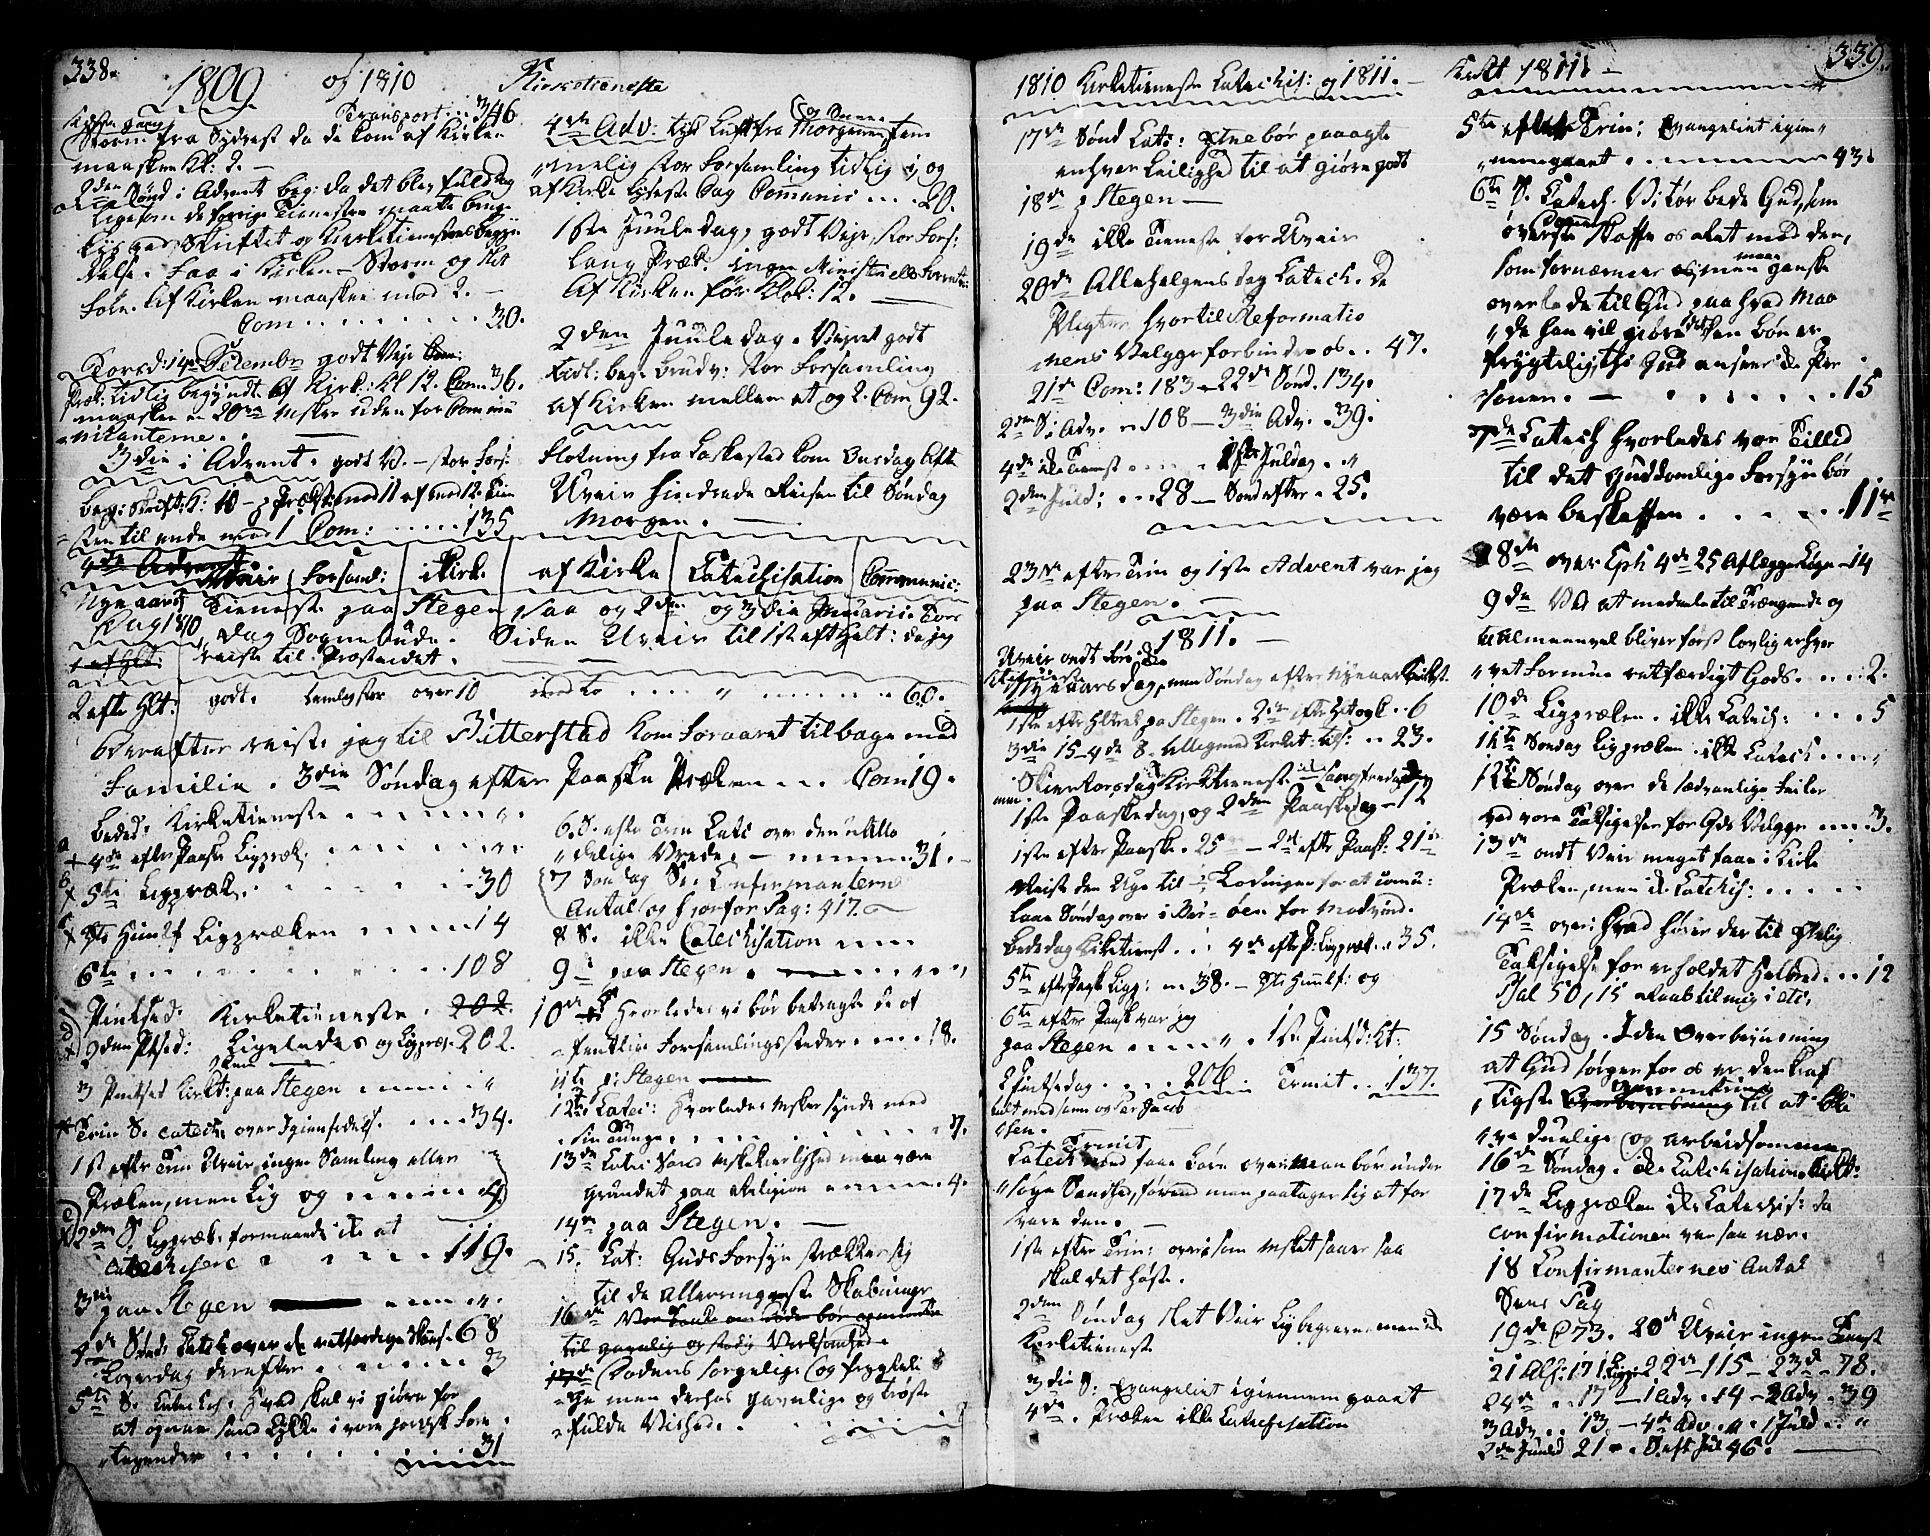 SAT, Ministerialprotokoller, klokkerbøker og fødselsregistre - Nordland, 859/L0841: Parish register (official) no. 859A01, 1766-1821, p. 338-339